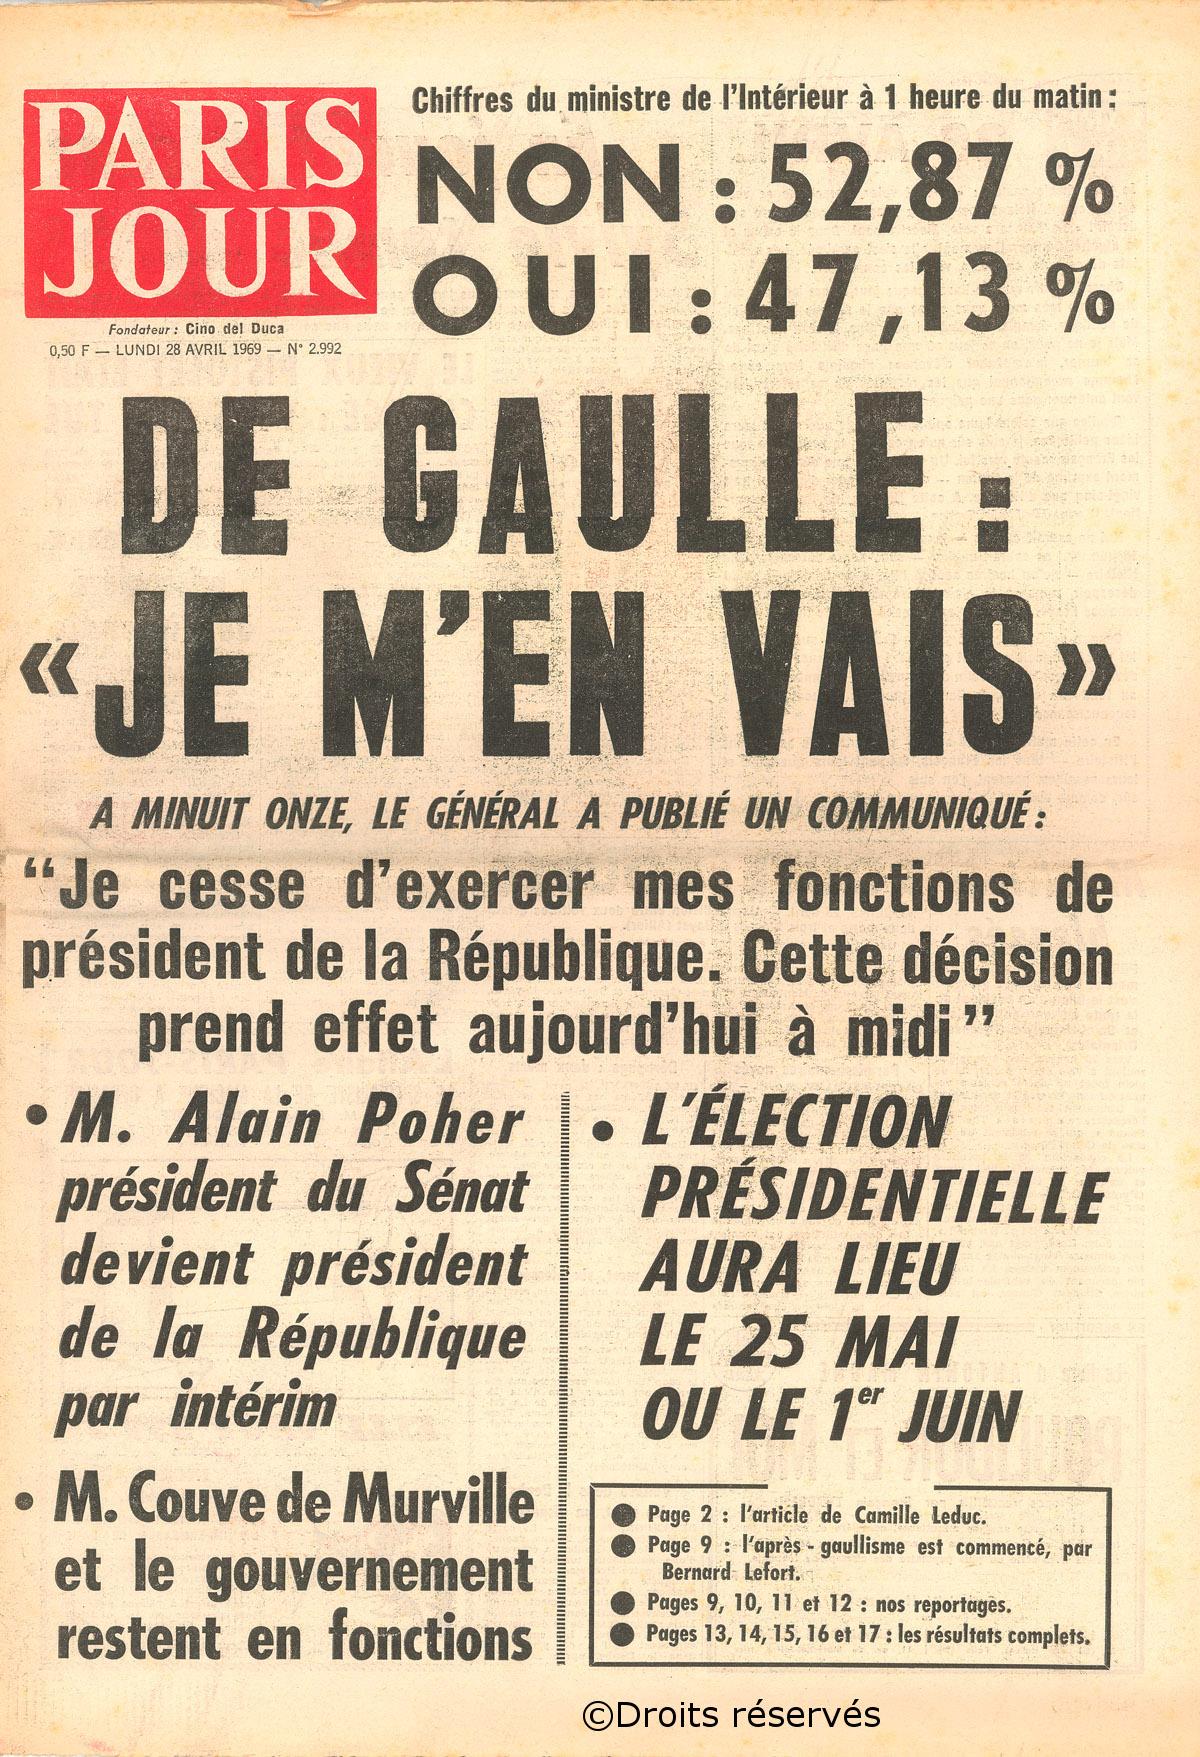 27-28/04/1969 : Echec du référendum sur la réforme du Sénat et la régionalisation – démission du général de Gaulle